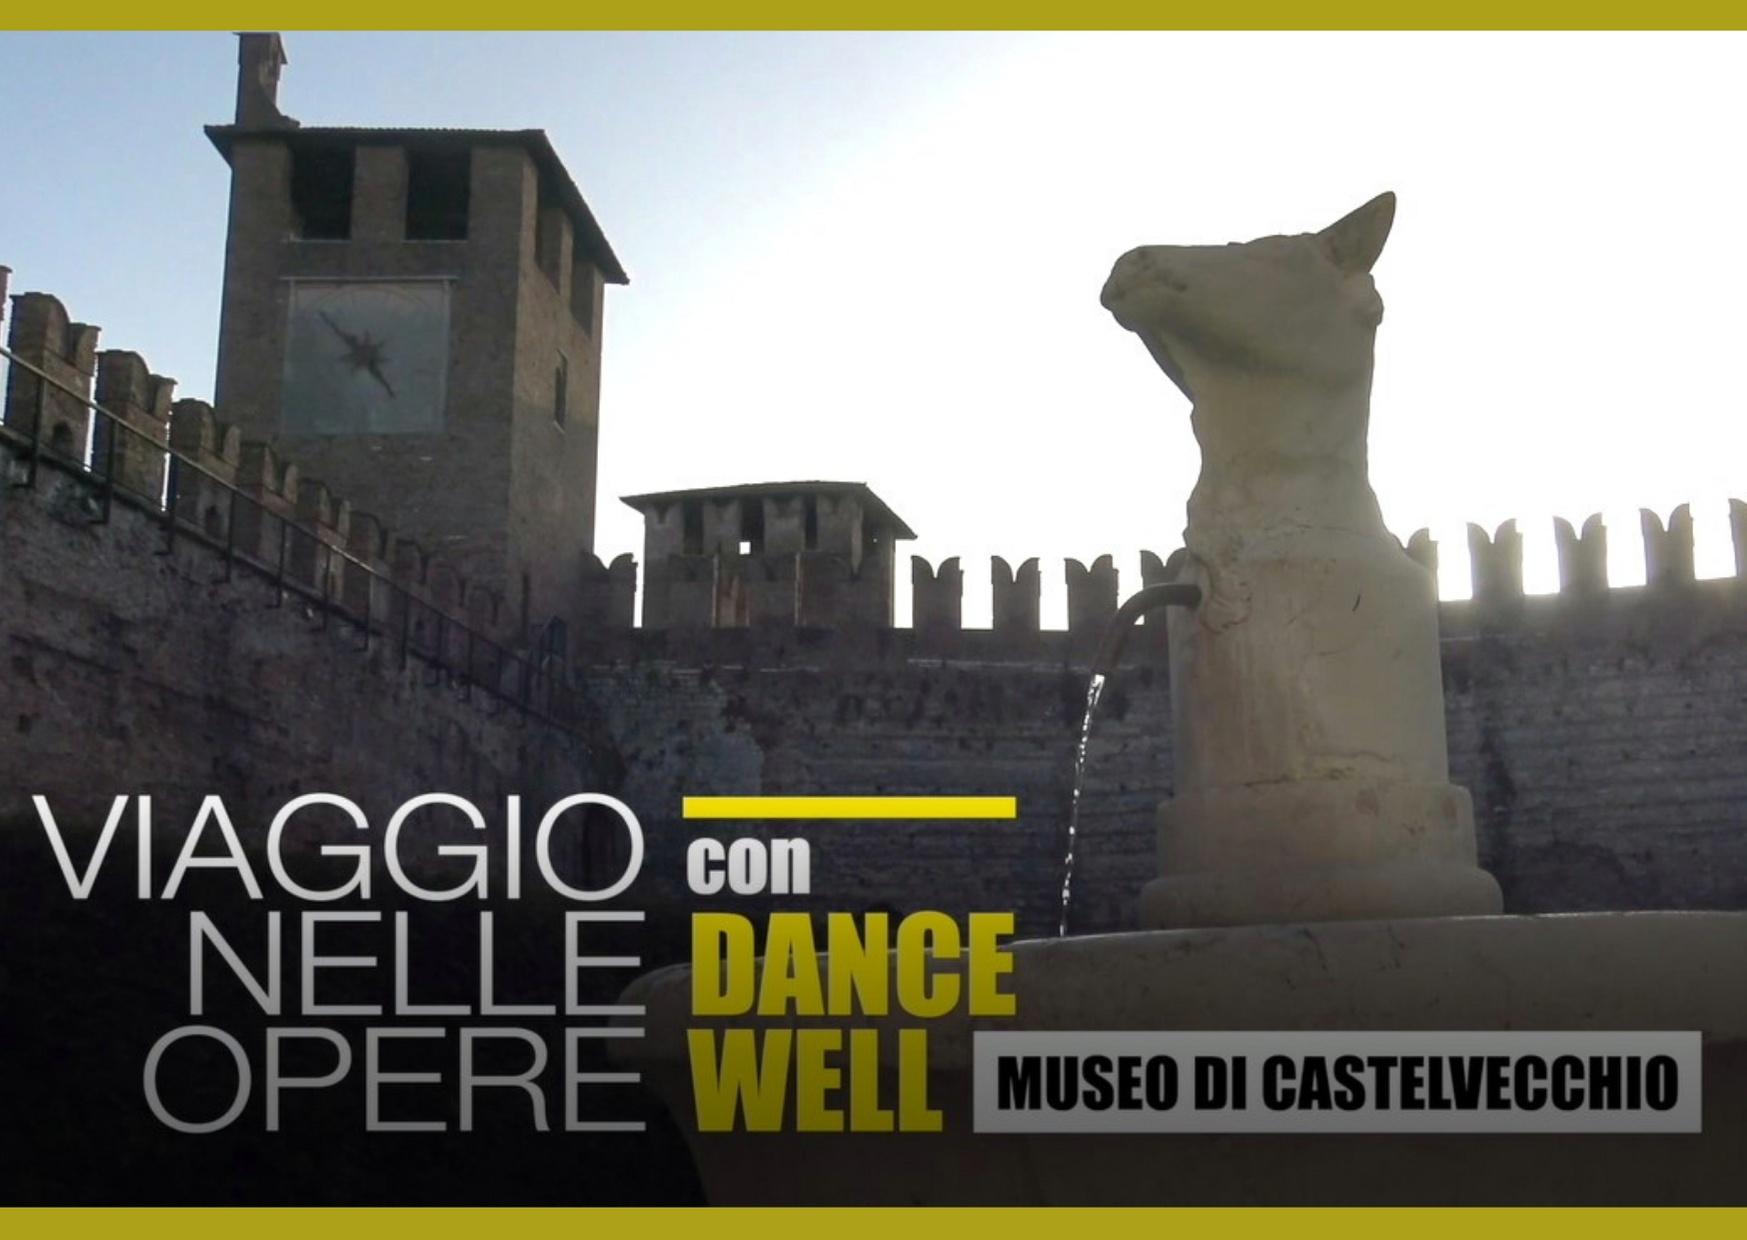 VIAGGIO NELLE OPERE CON DANCE WELL